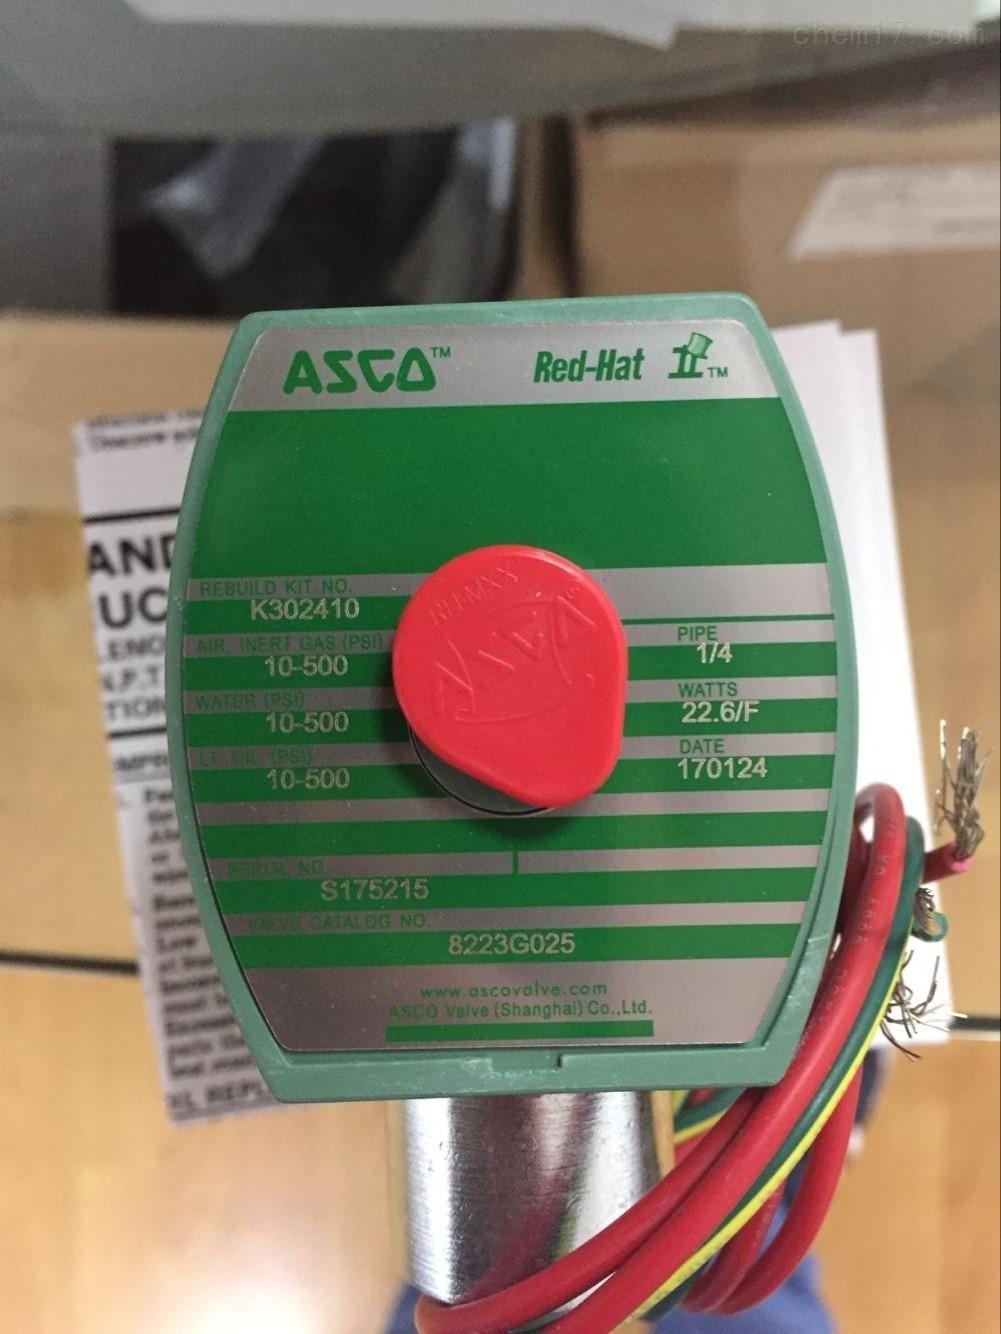 美国ASCO电磁阀正品 阿斯卡原装